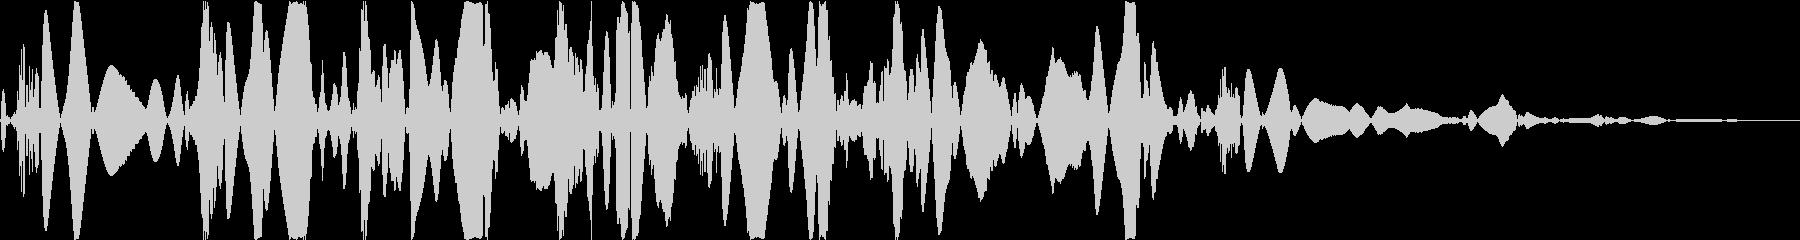 ベチャッ06(泥・液体系のアクション音)の未再生の波形